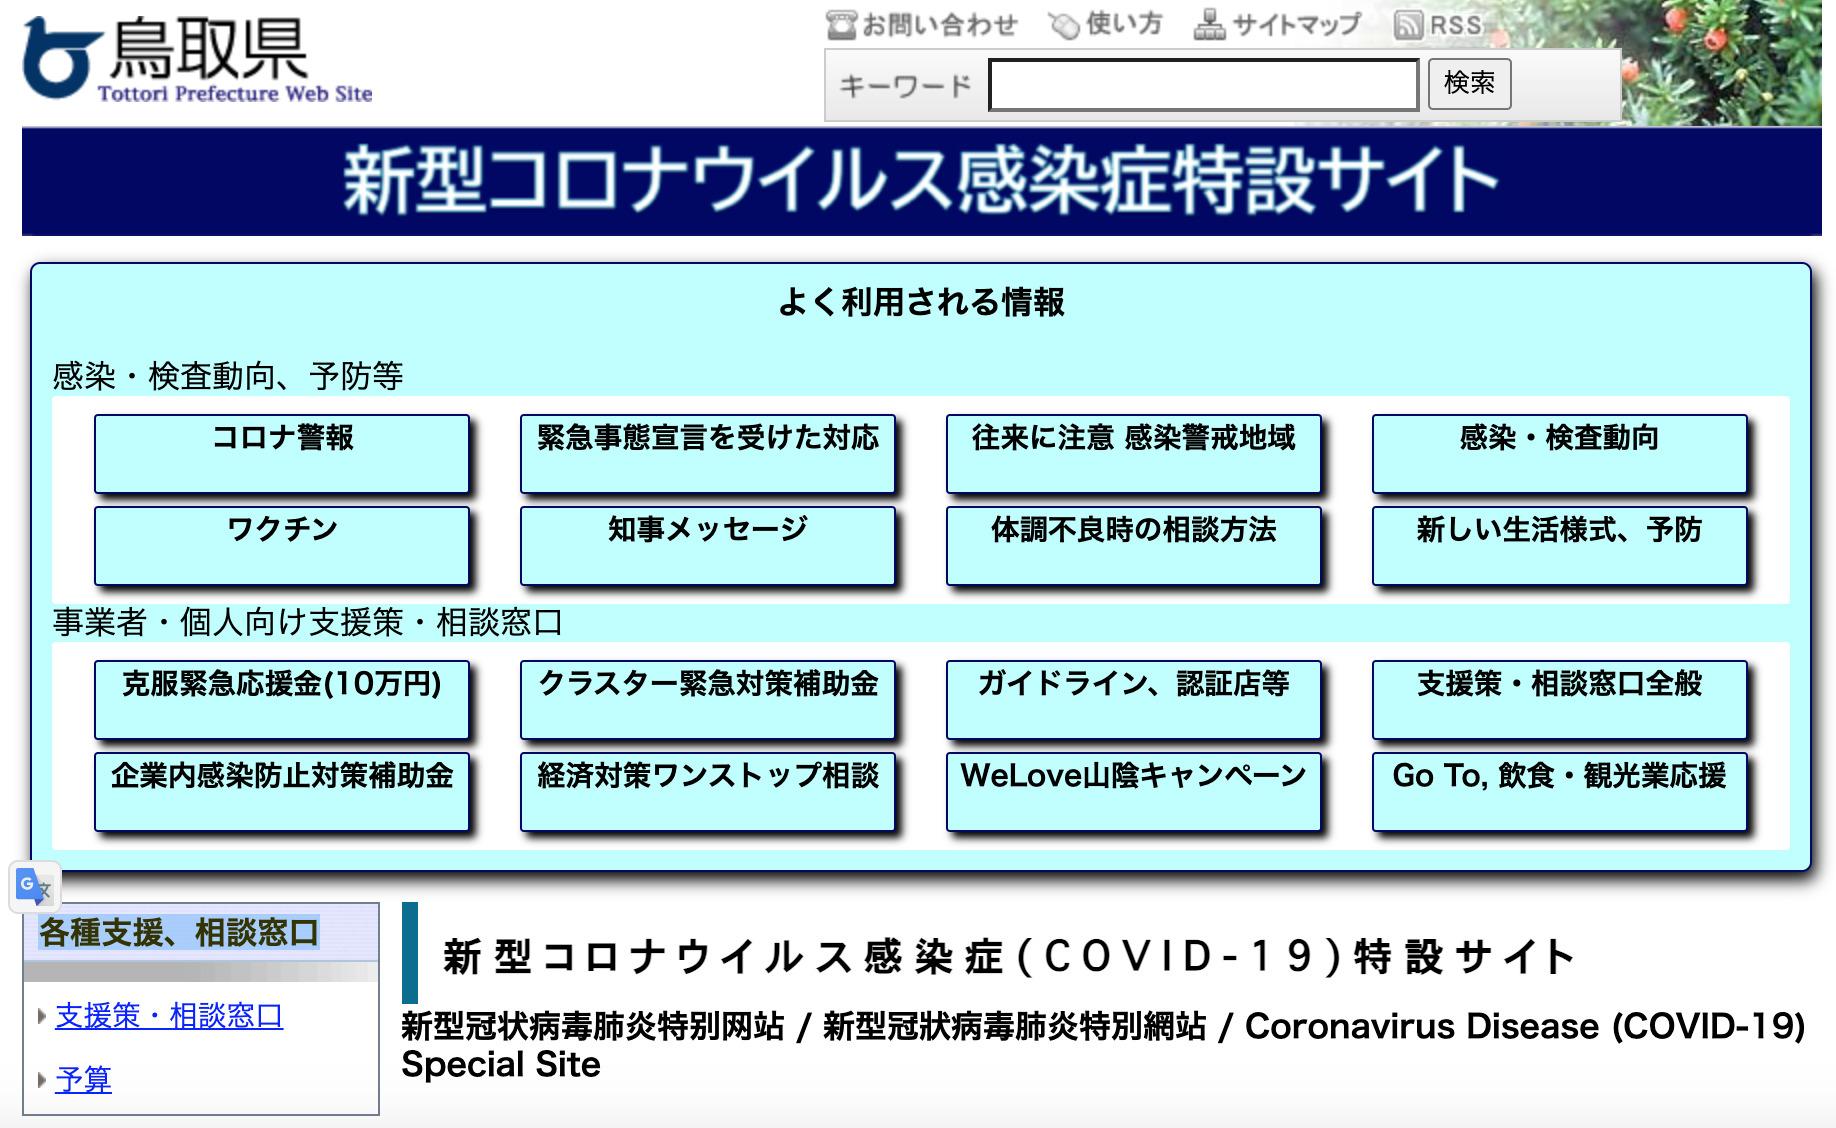 鳥取県の新型コロナウイルス感染症への対応状況